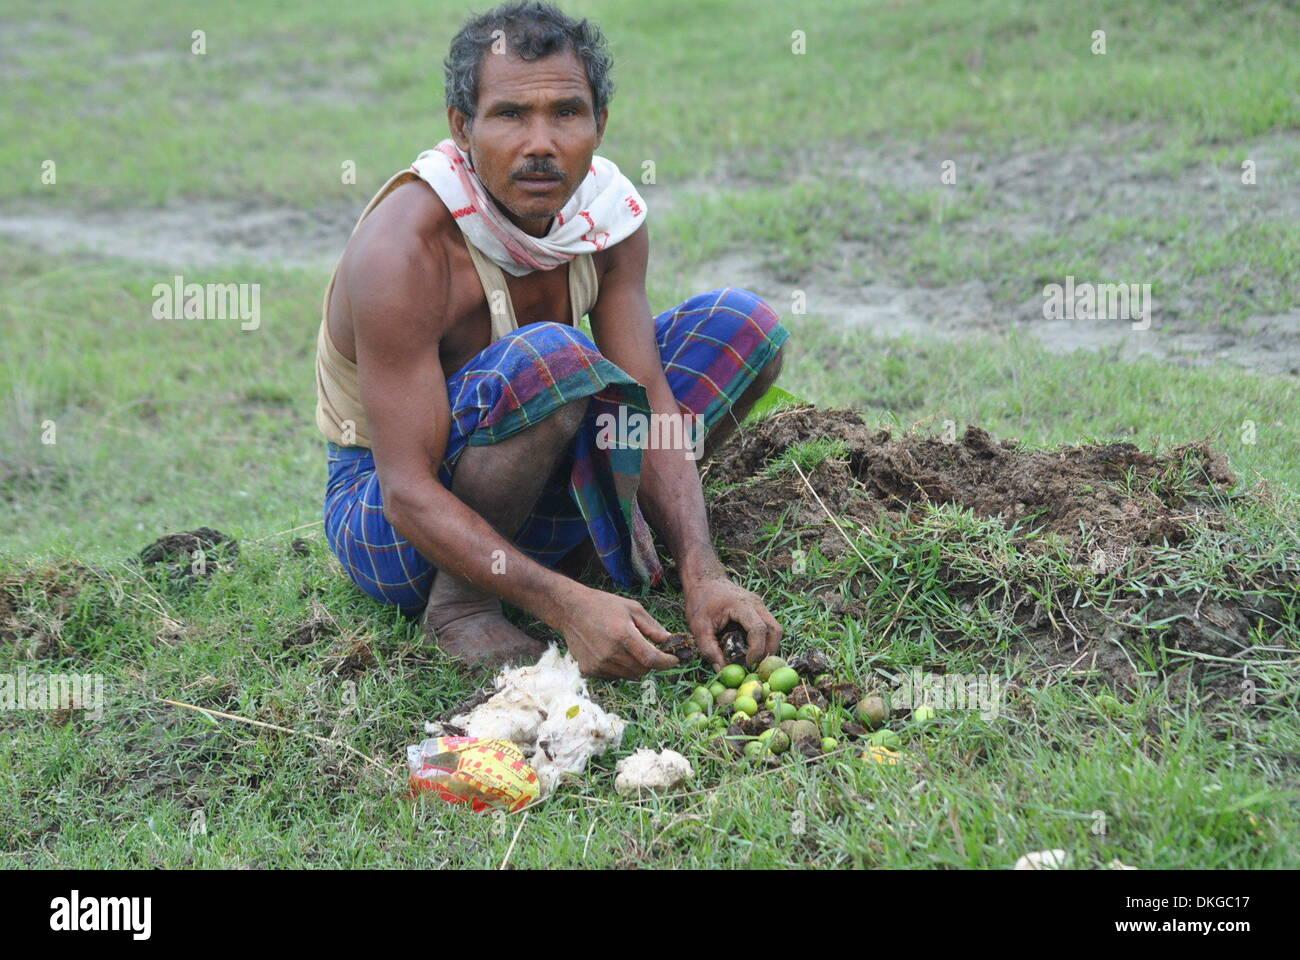 Waldmann Jadav Payeng vom Stamm der Mising, aufgenommen am 27.10.2013 im Bezirk Jorhat im Bundesstaat Assam in Indien.Stock Photo